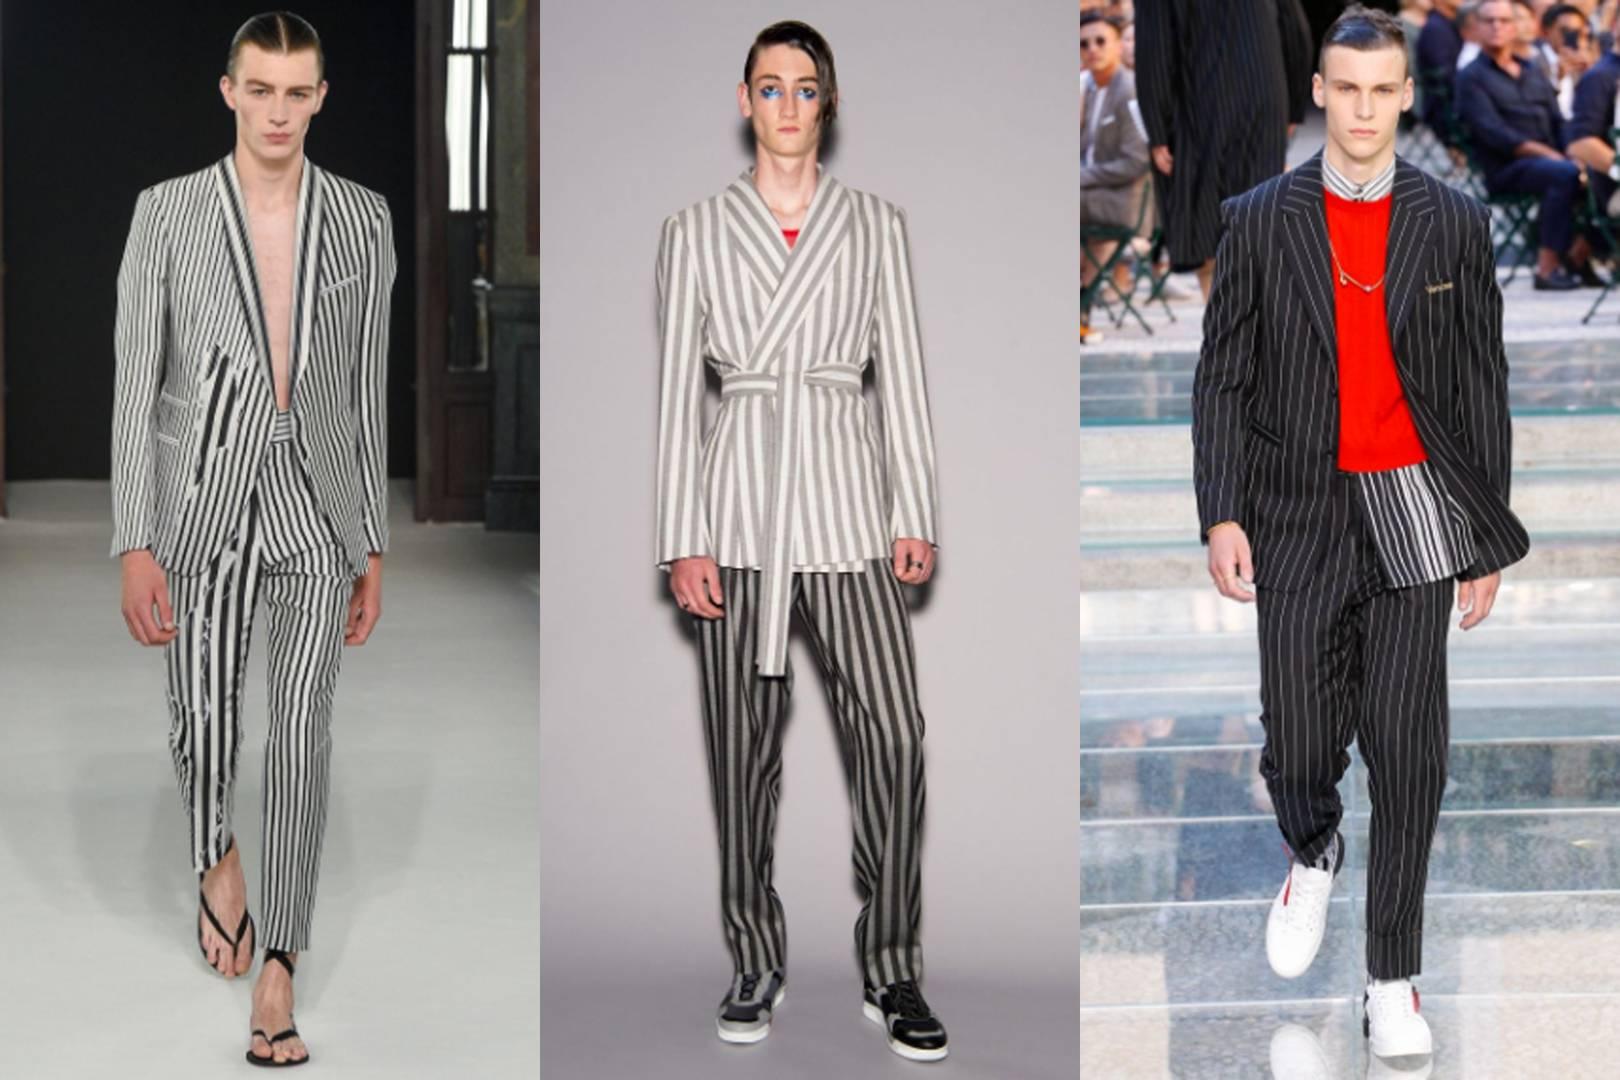 688e23386ada Spring Summer 2018 trends for men